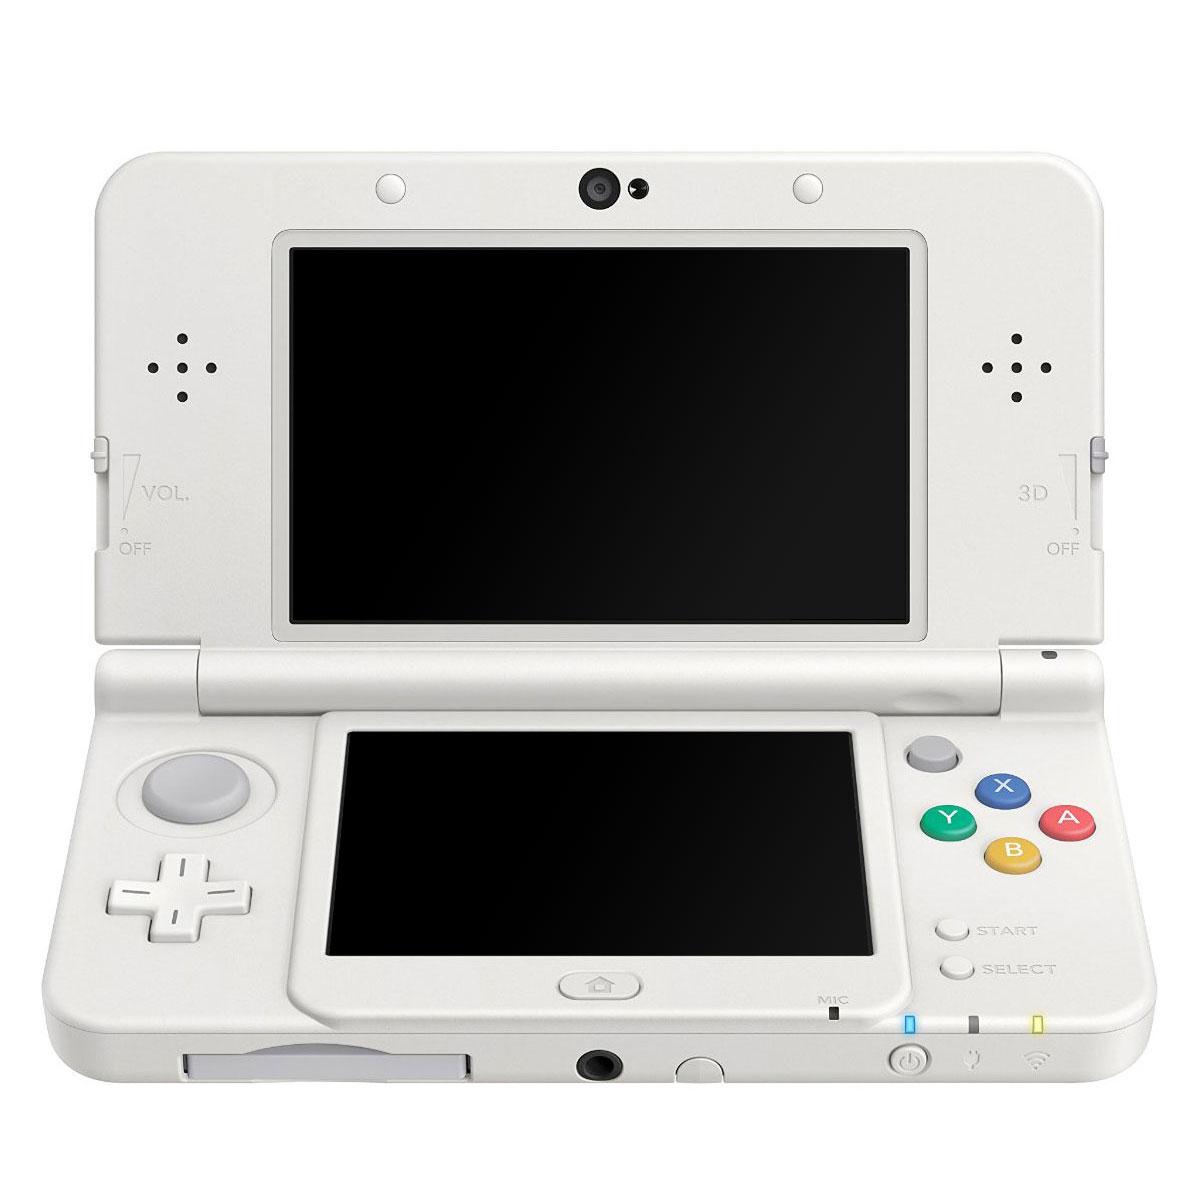 Console Nintendo 3DS Nintendo New 3DS (blanche) Console de jeux-vidéo portable tactile 3D à deux écrans